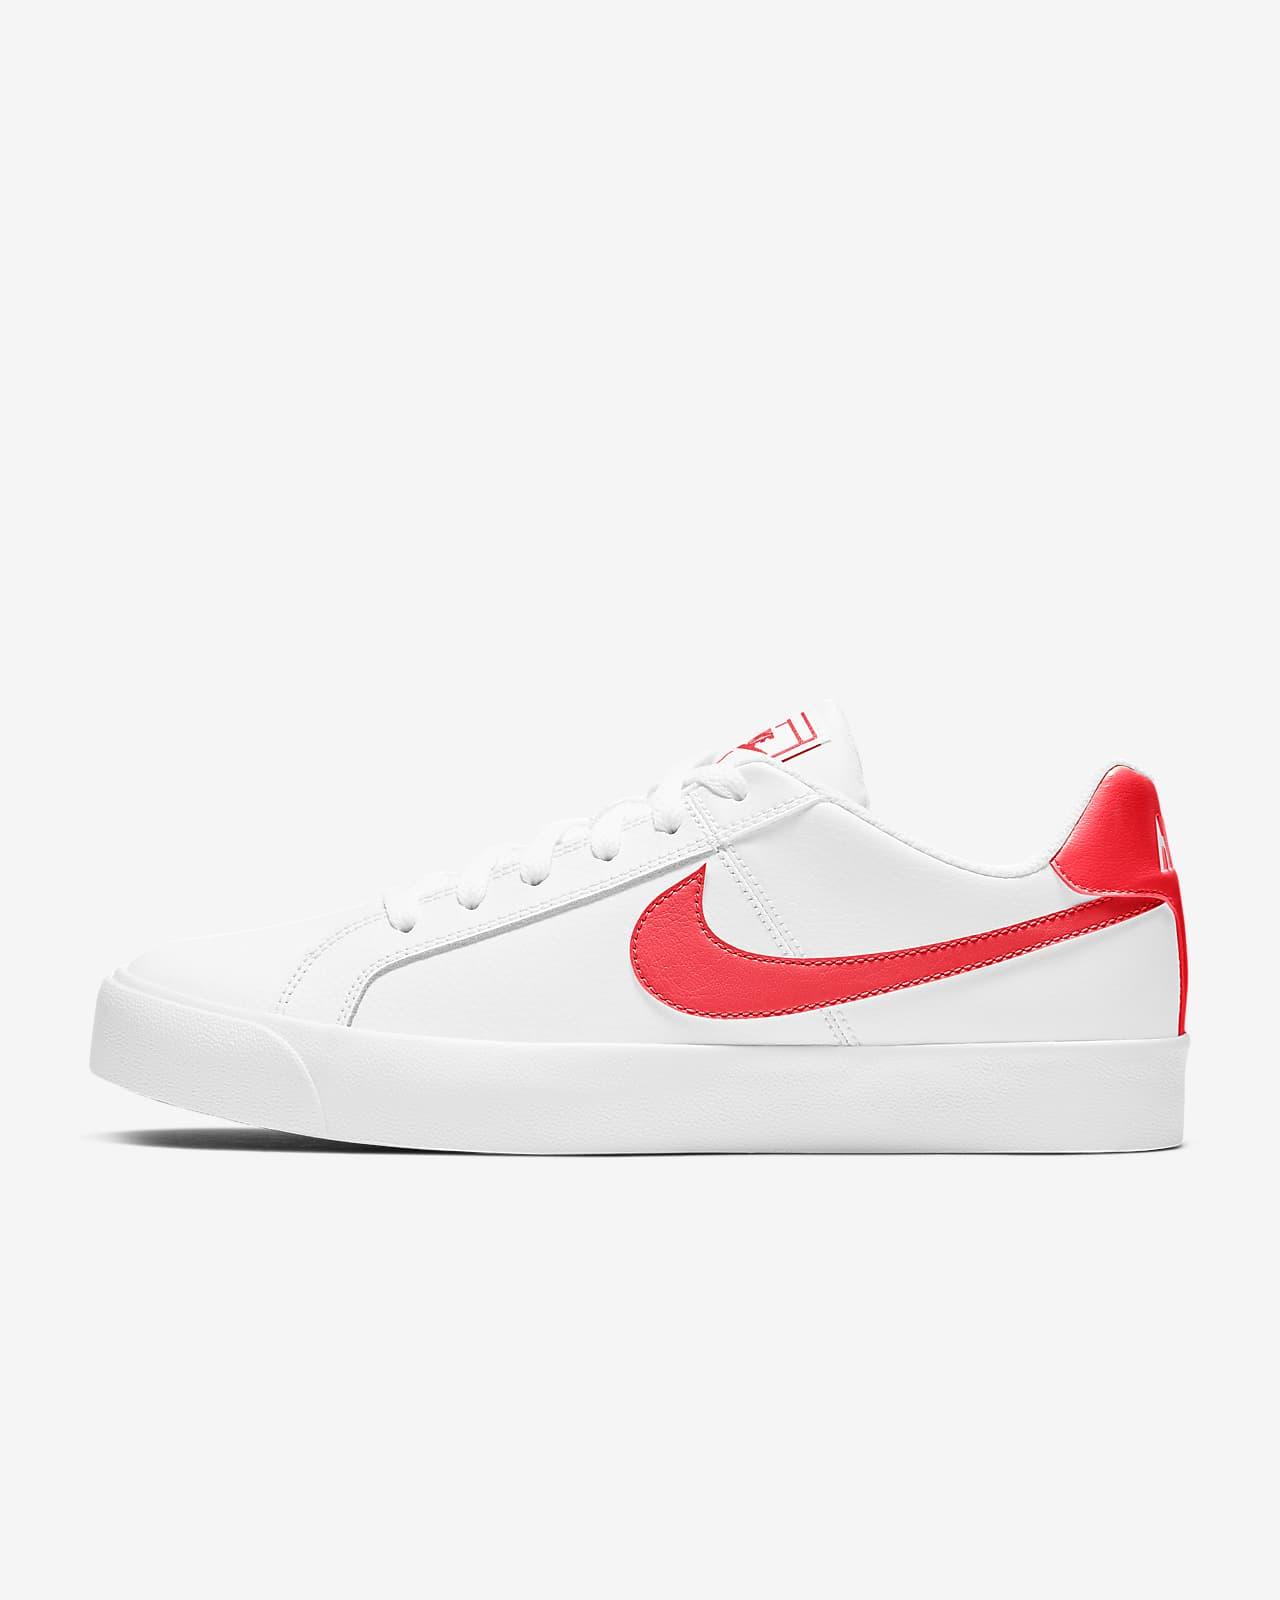 Nike耐克中国官网 早春礼遇促销 5折起+会员满2件8折